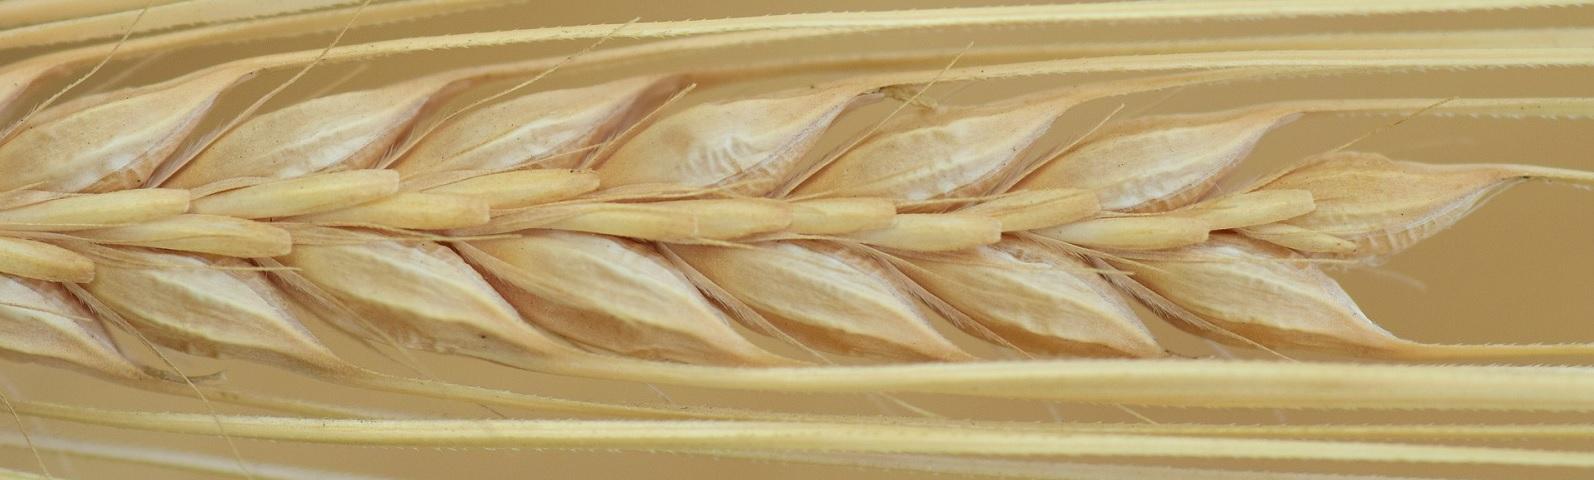 1709-Glutenvrije-producten-niet-altijd-beter-1600x480.jpg